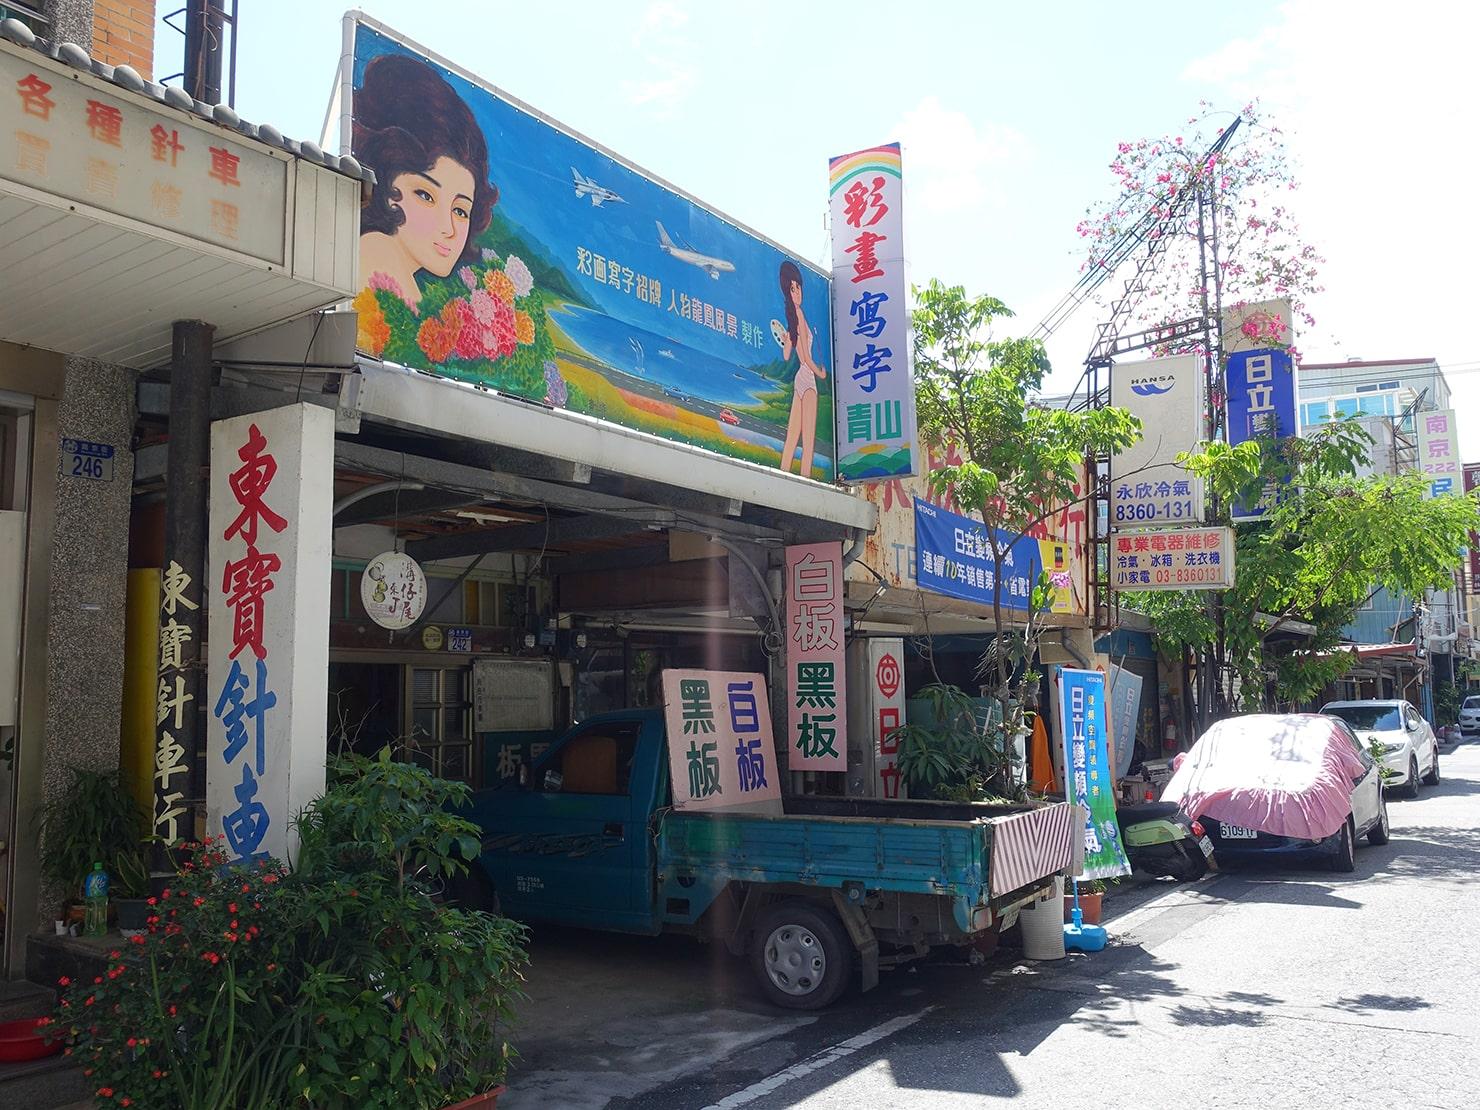 台湾・花蓮のおすすめ観光スポット「溝仔尾」の看板屋さん